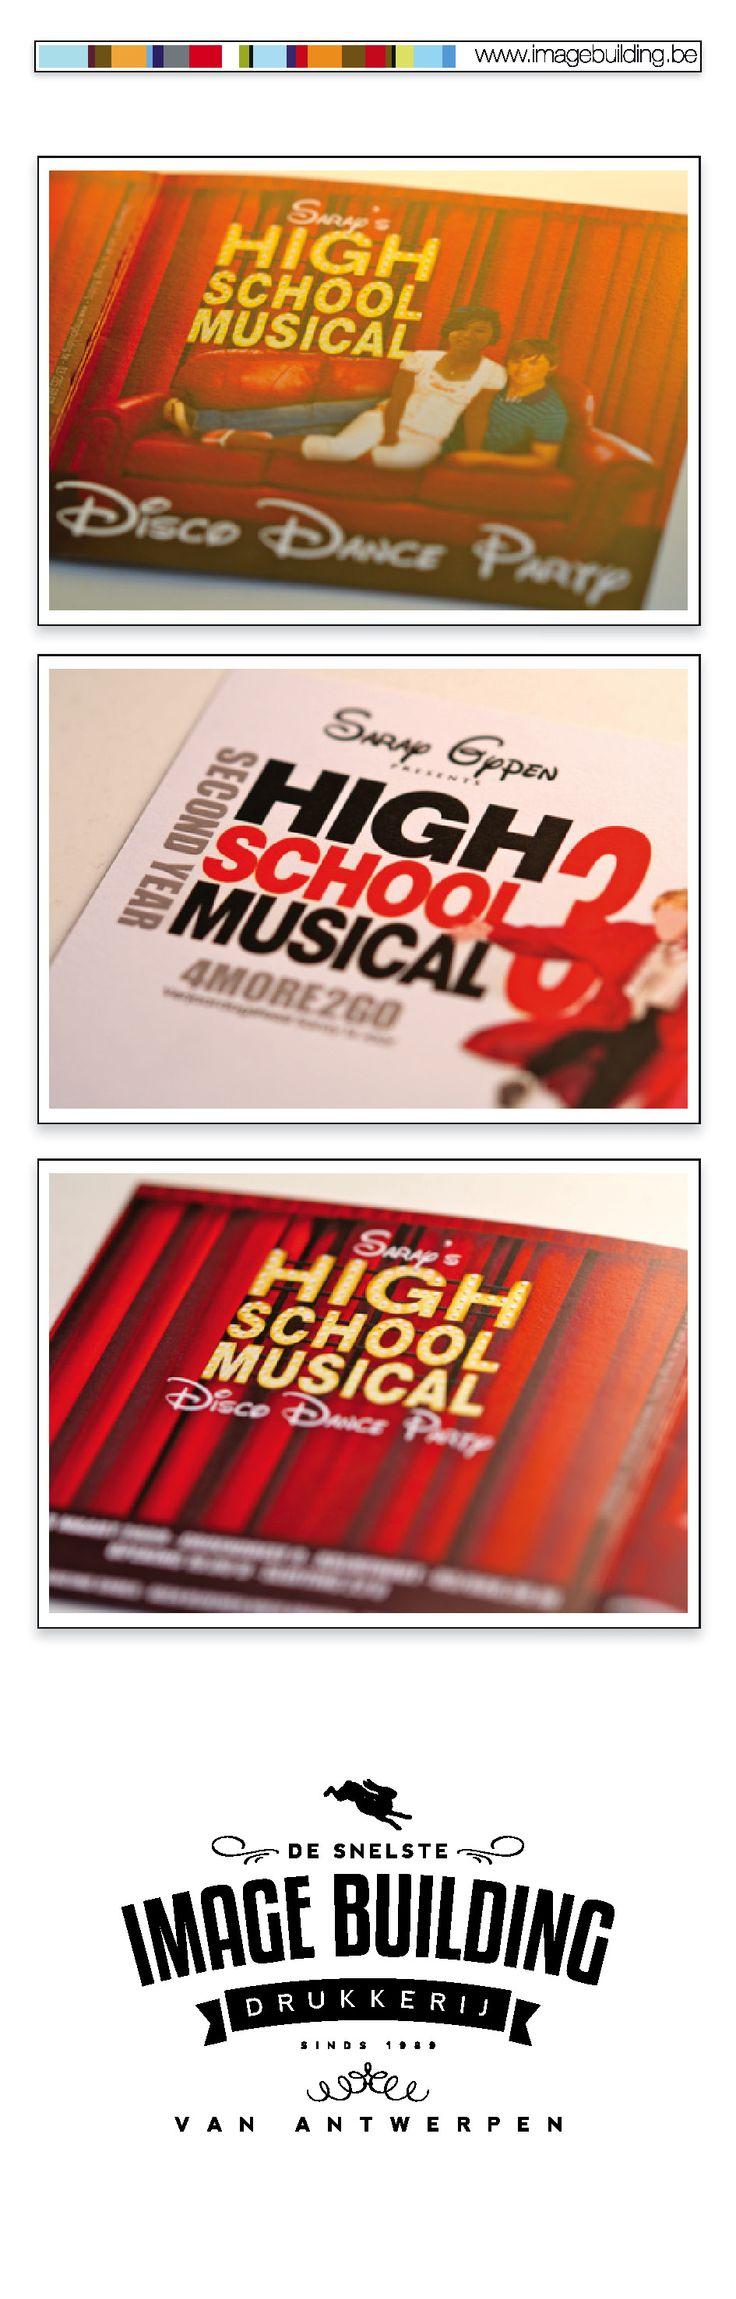 Ontwerp en druk uitnodiging privéfeest 16de verjaardag volgens thema 'High School Musical'. #imagebuildingnv #desnelstedrukkerijvanantwerpen #uitnodiging #graphicdesign #grafisch #ontwerp #opmaak #drukwerk